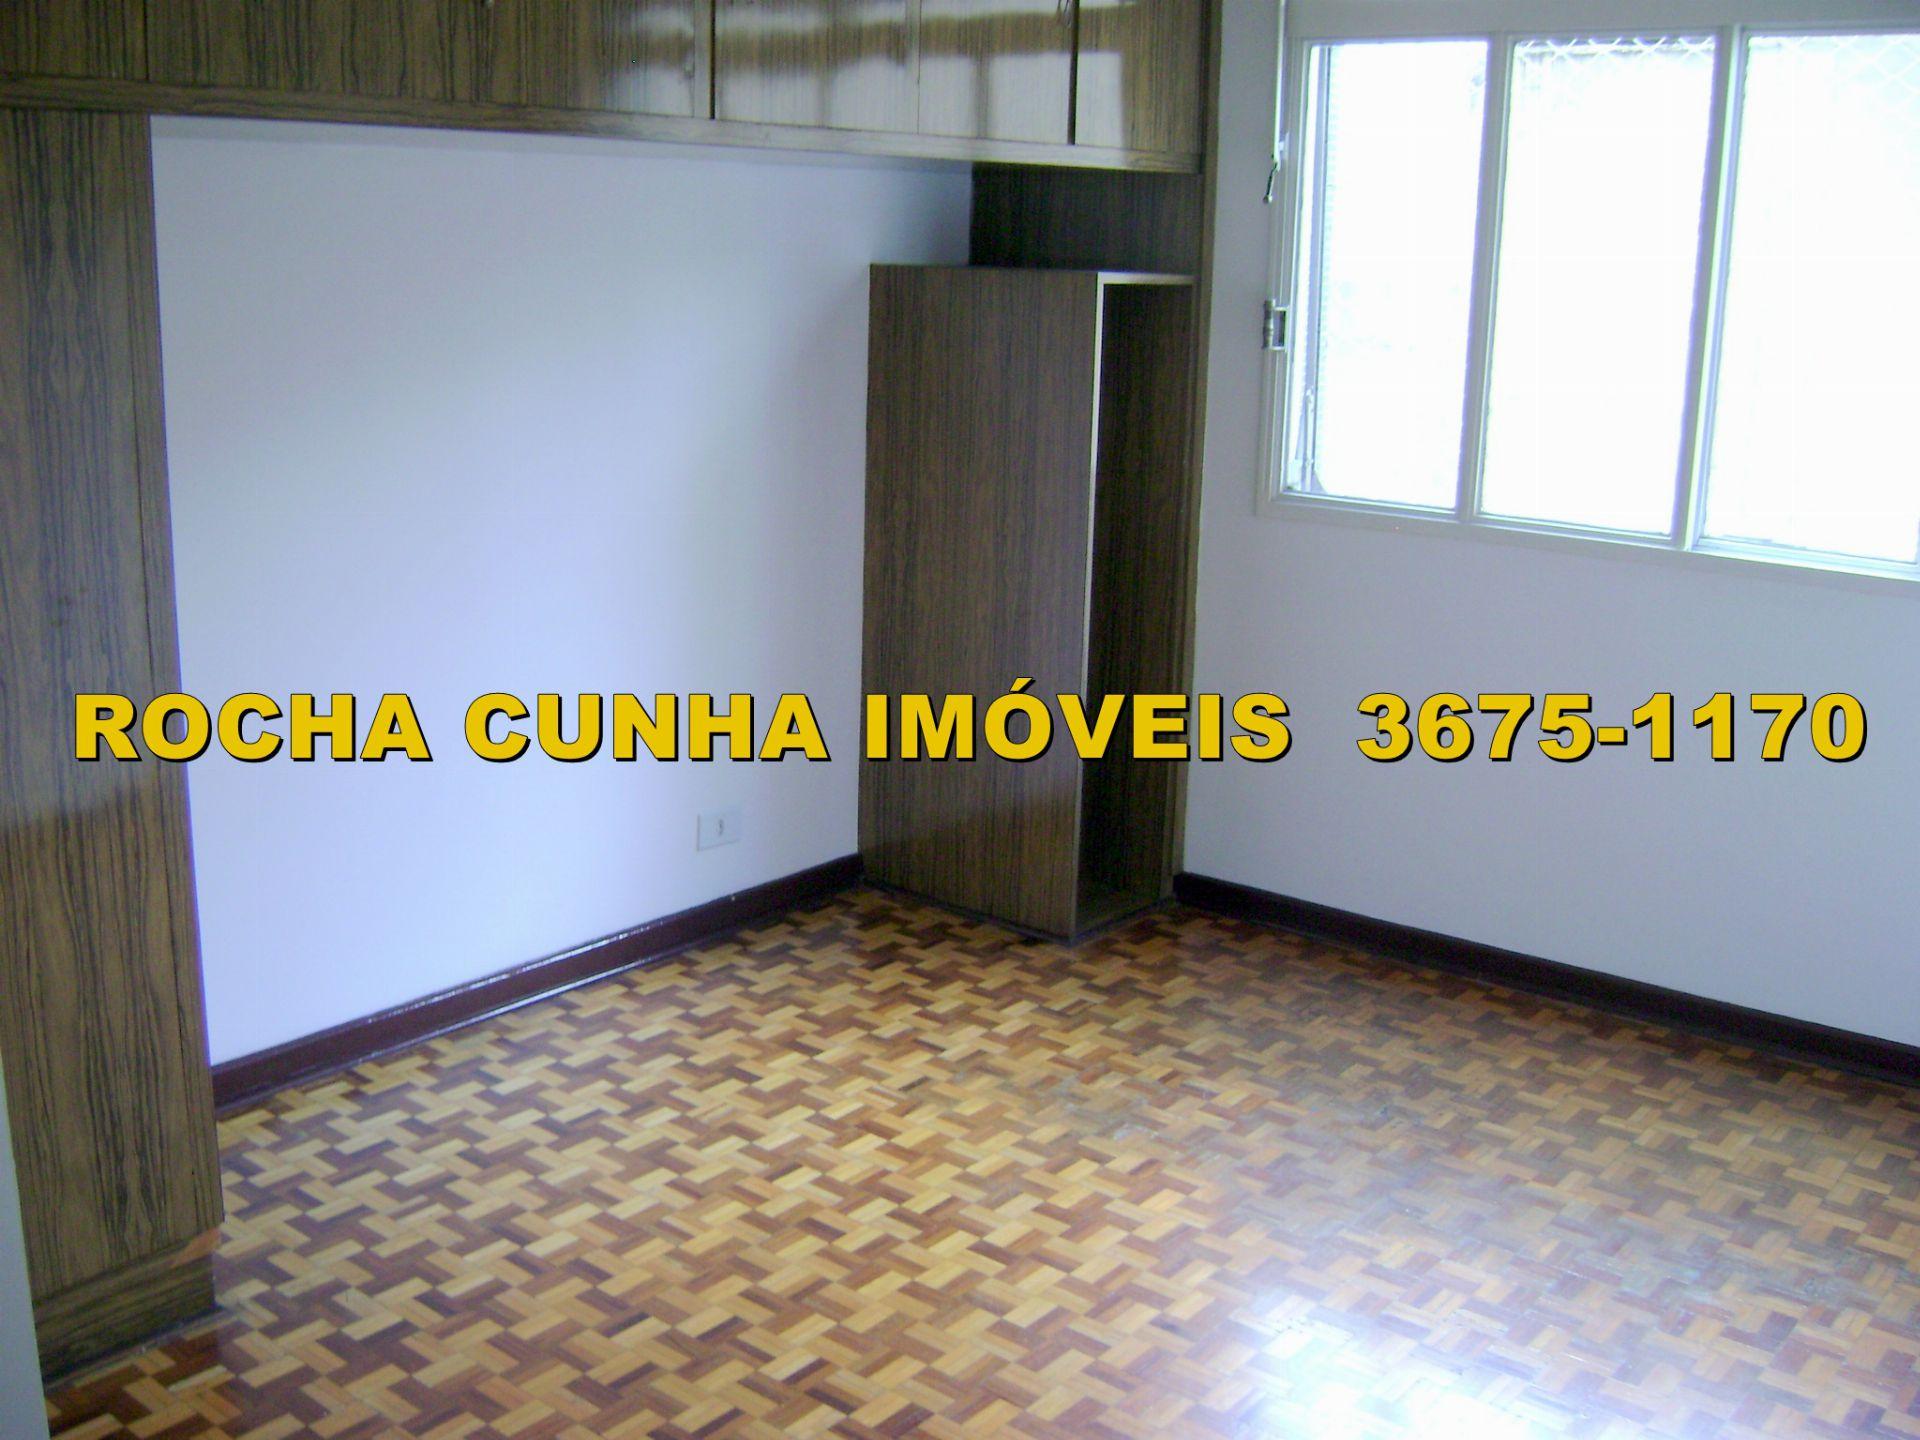 Apartamento Água Branca, São Paulo, SP À Venda, 3 Quartos, 108m² - VENDA0226 - 29